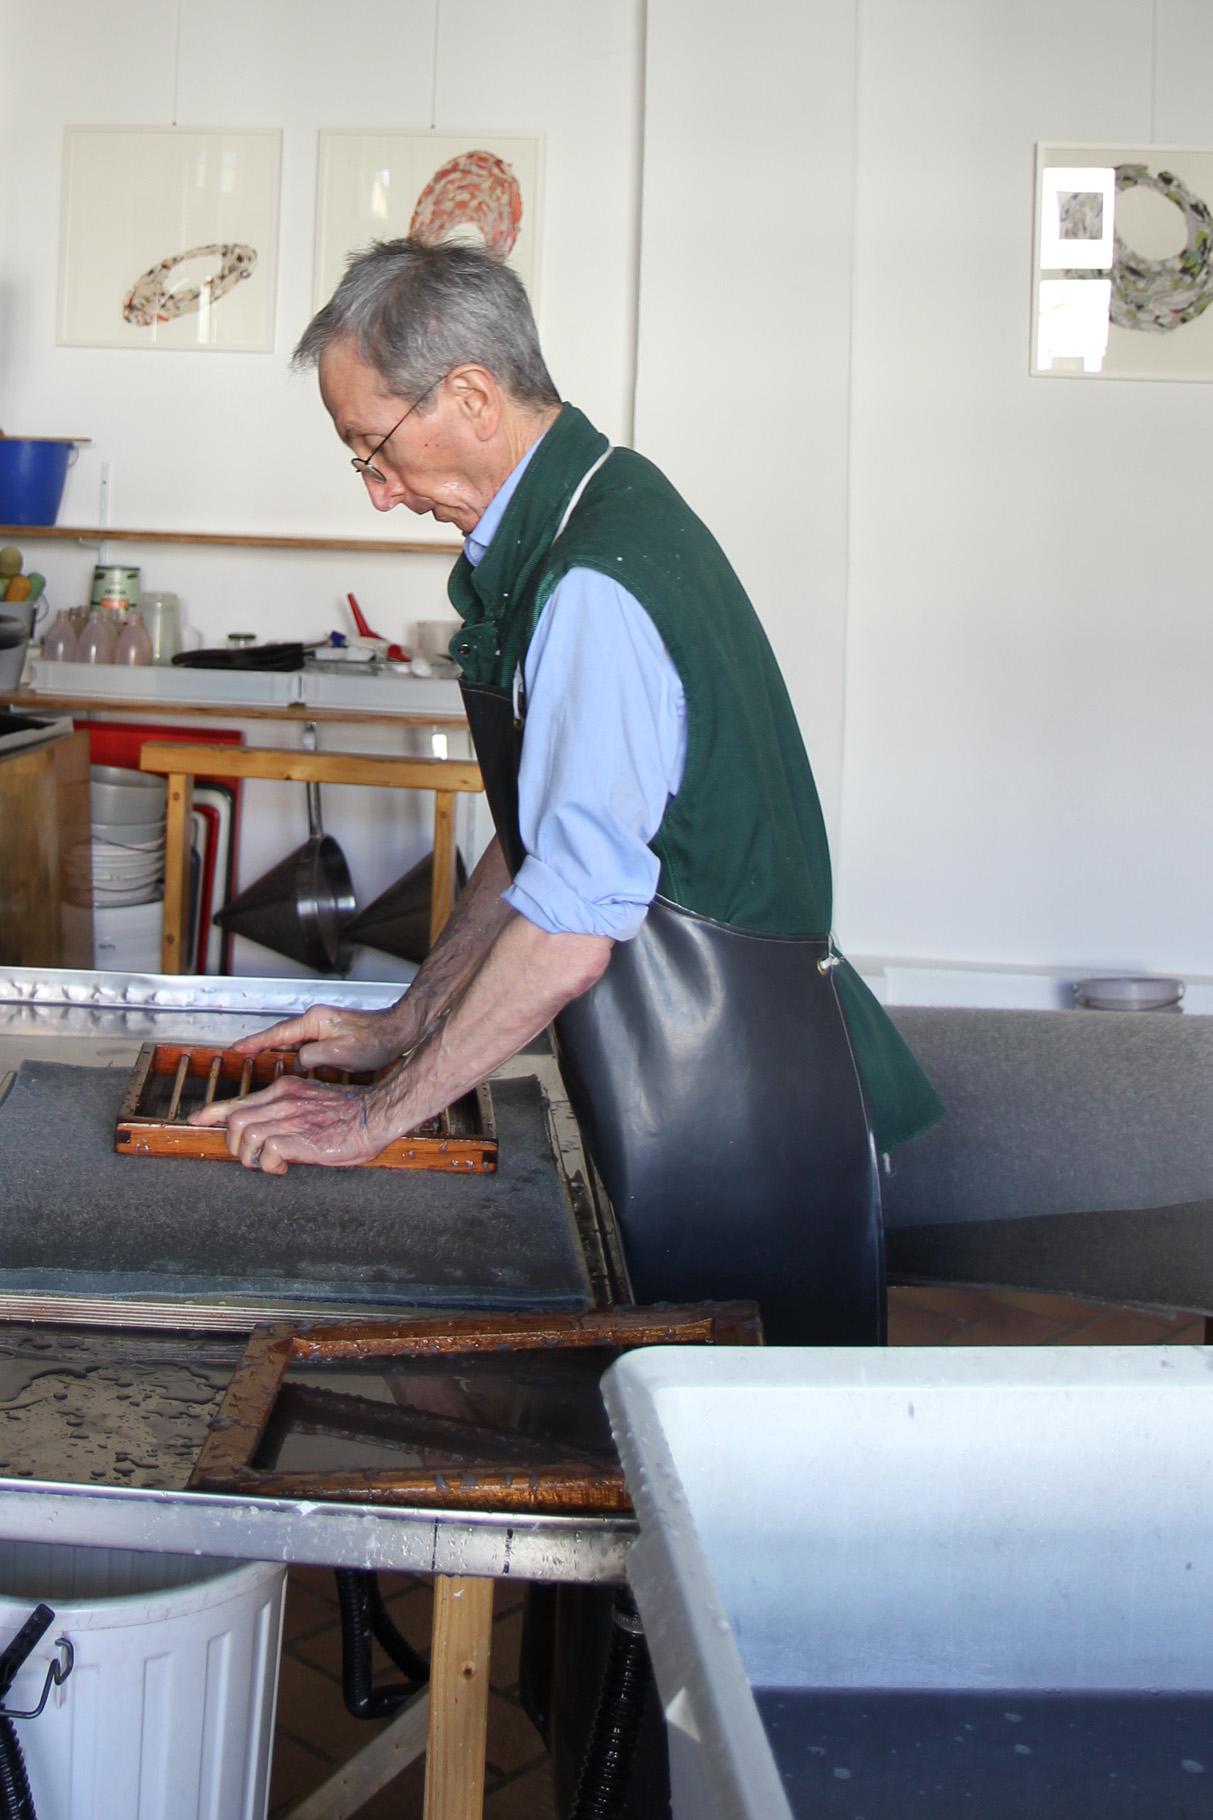 Das frisch geschöpfte Papiervlies wird auf einen Stapel nasse Filze gegautscht...